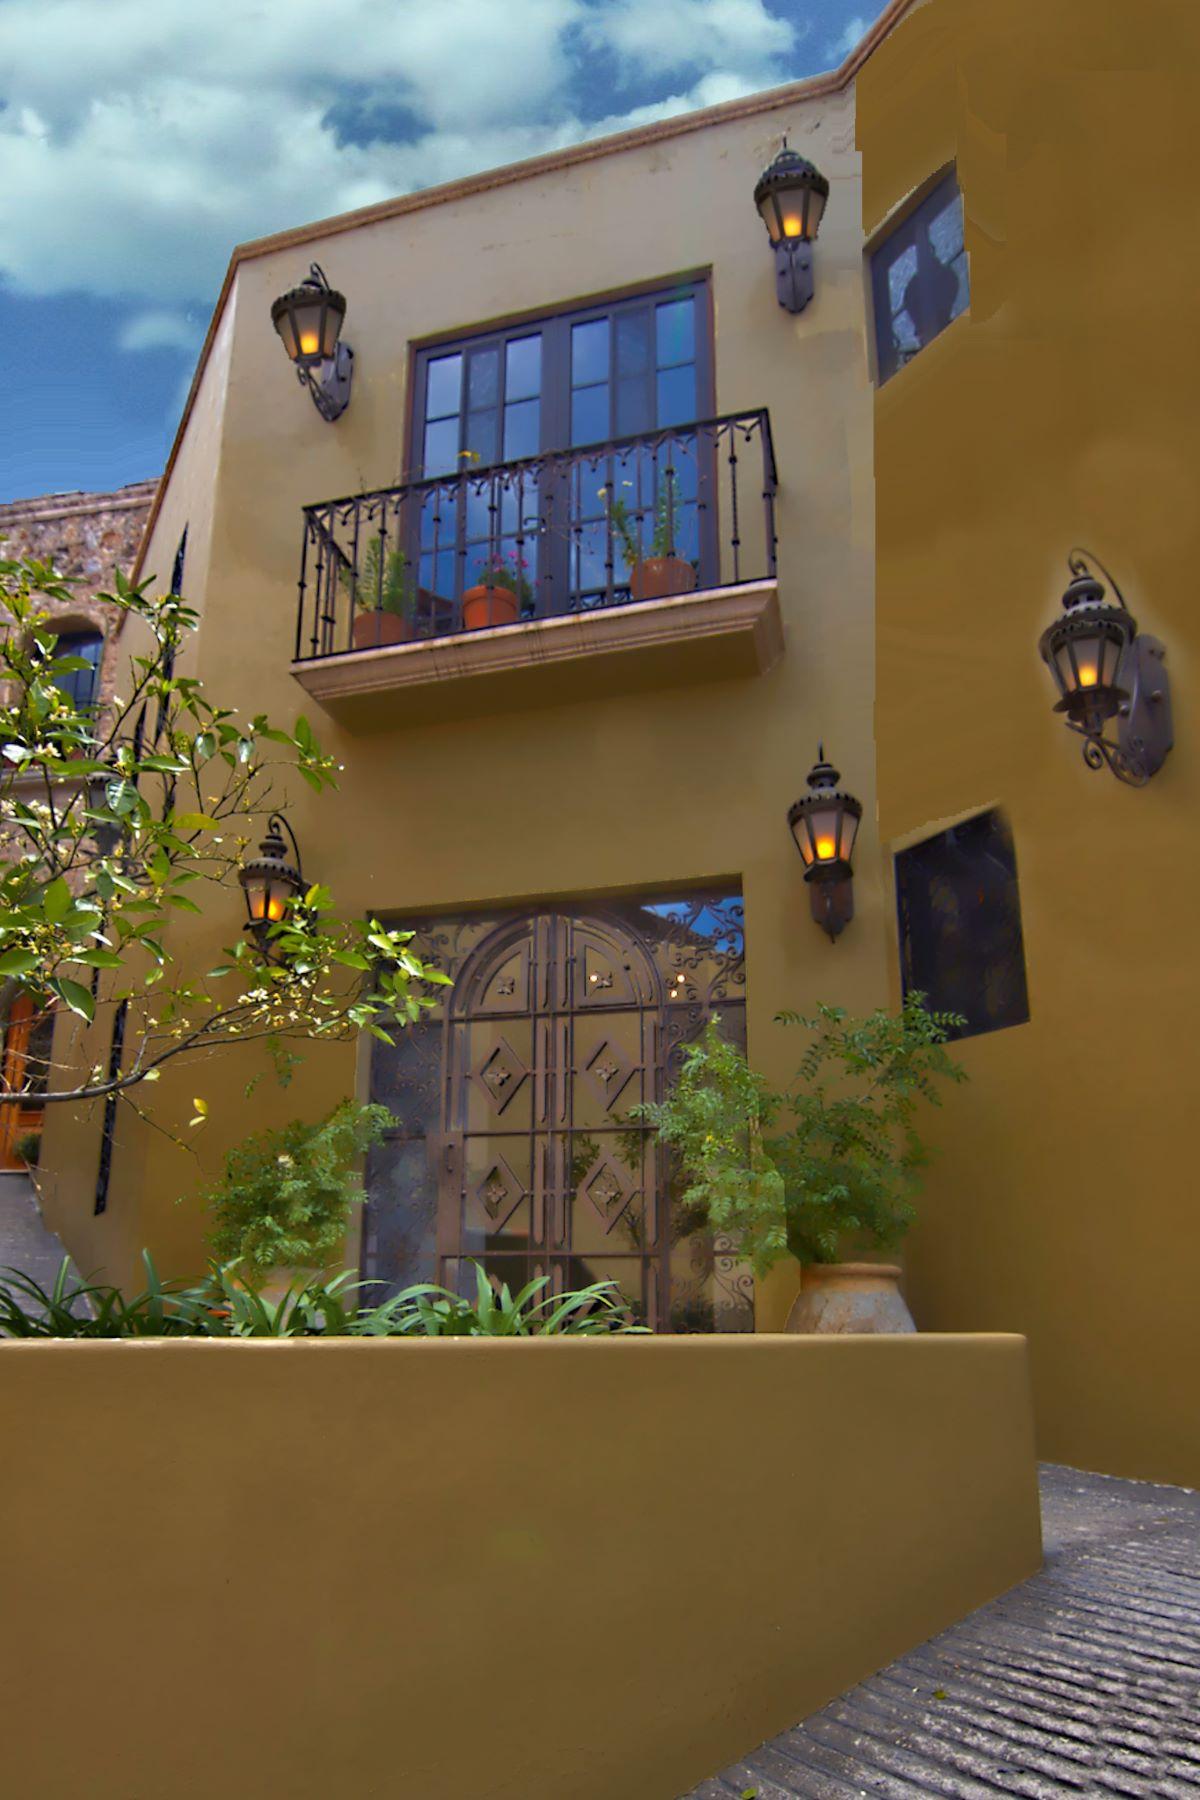 Single Family Home for Sale at CASA CHEPITO Centro, San Miguel De Allende, Guanajuato Mexico